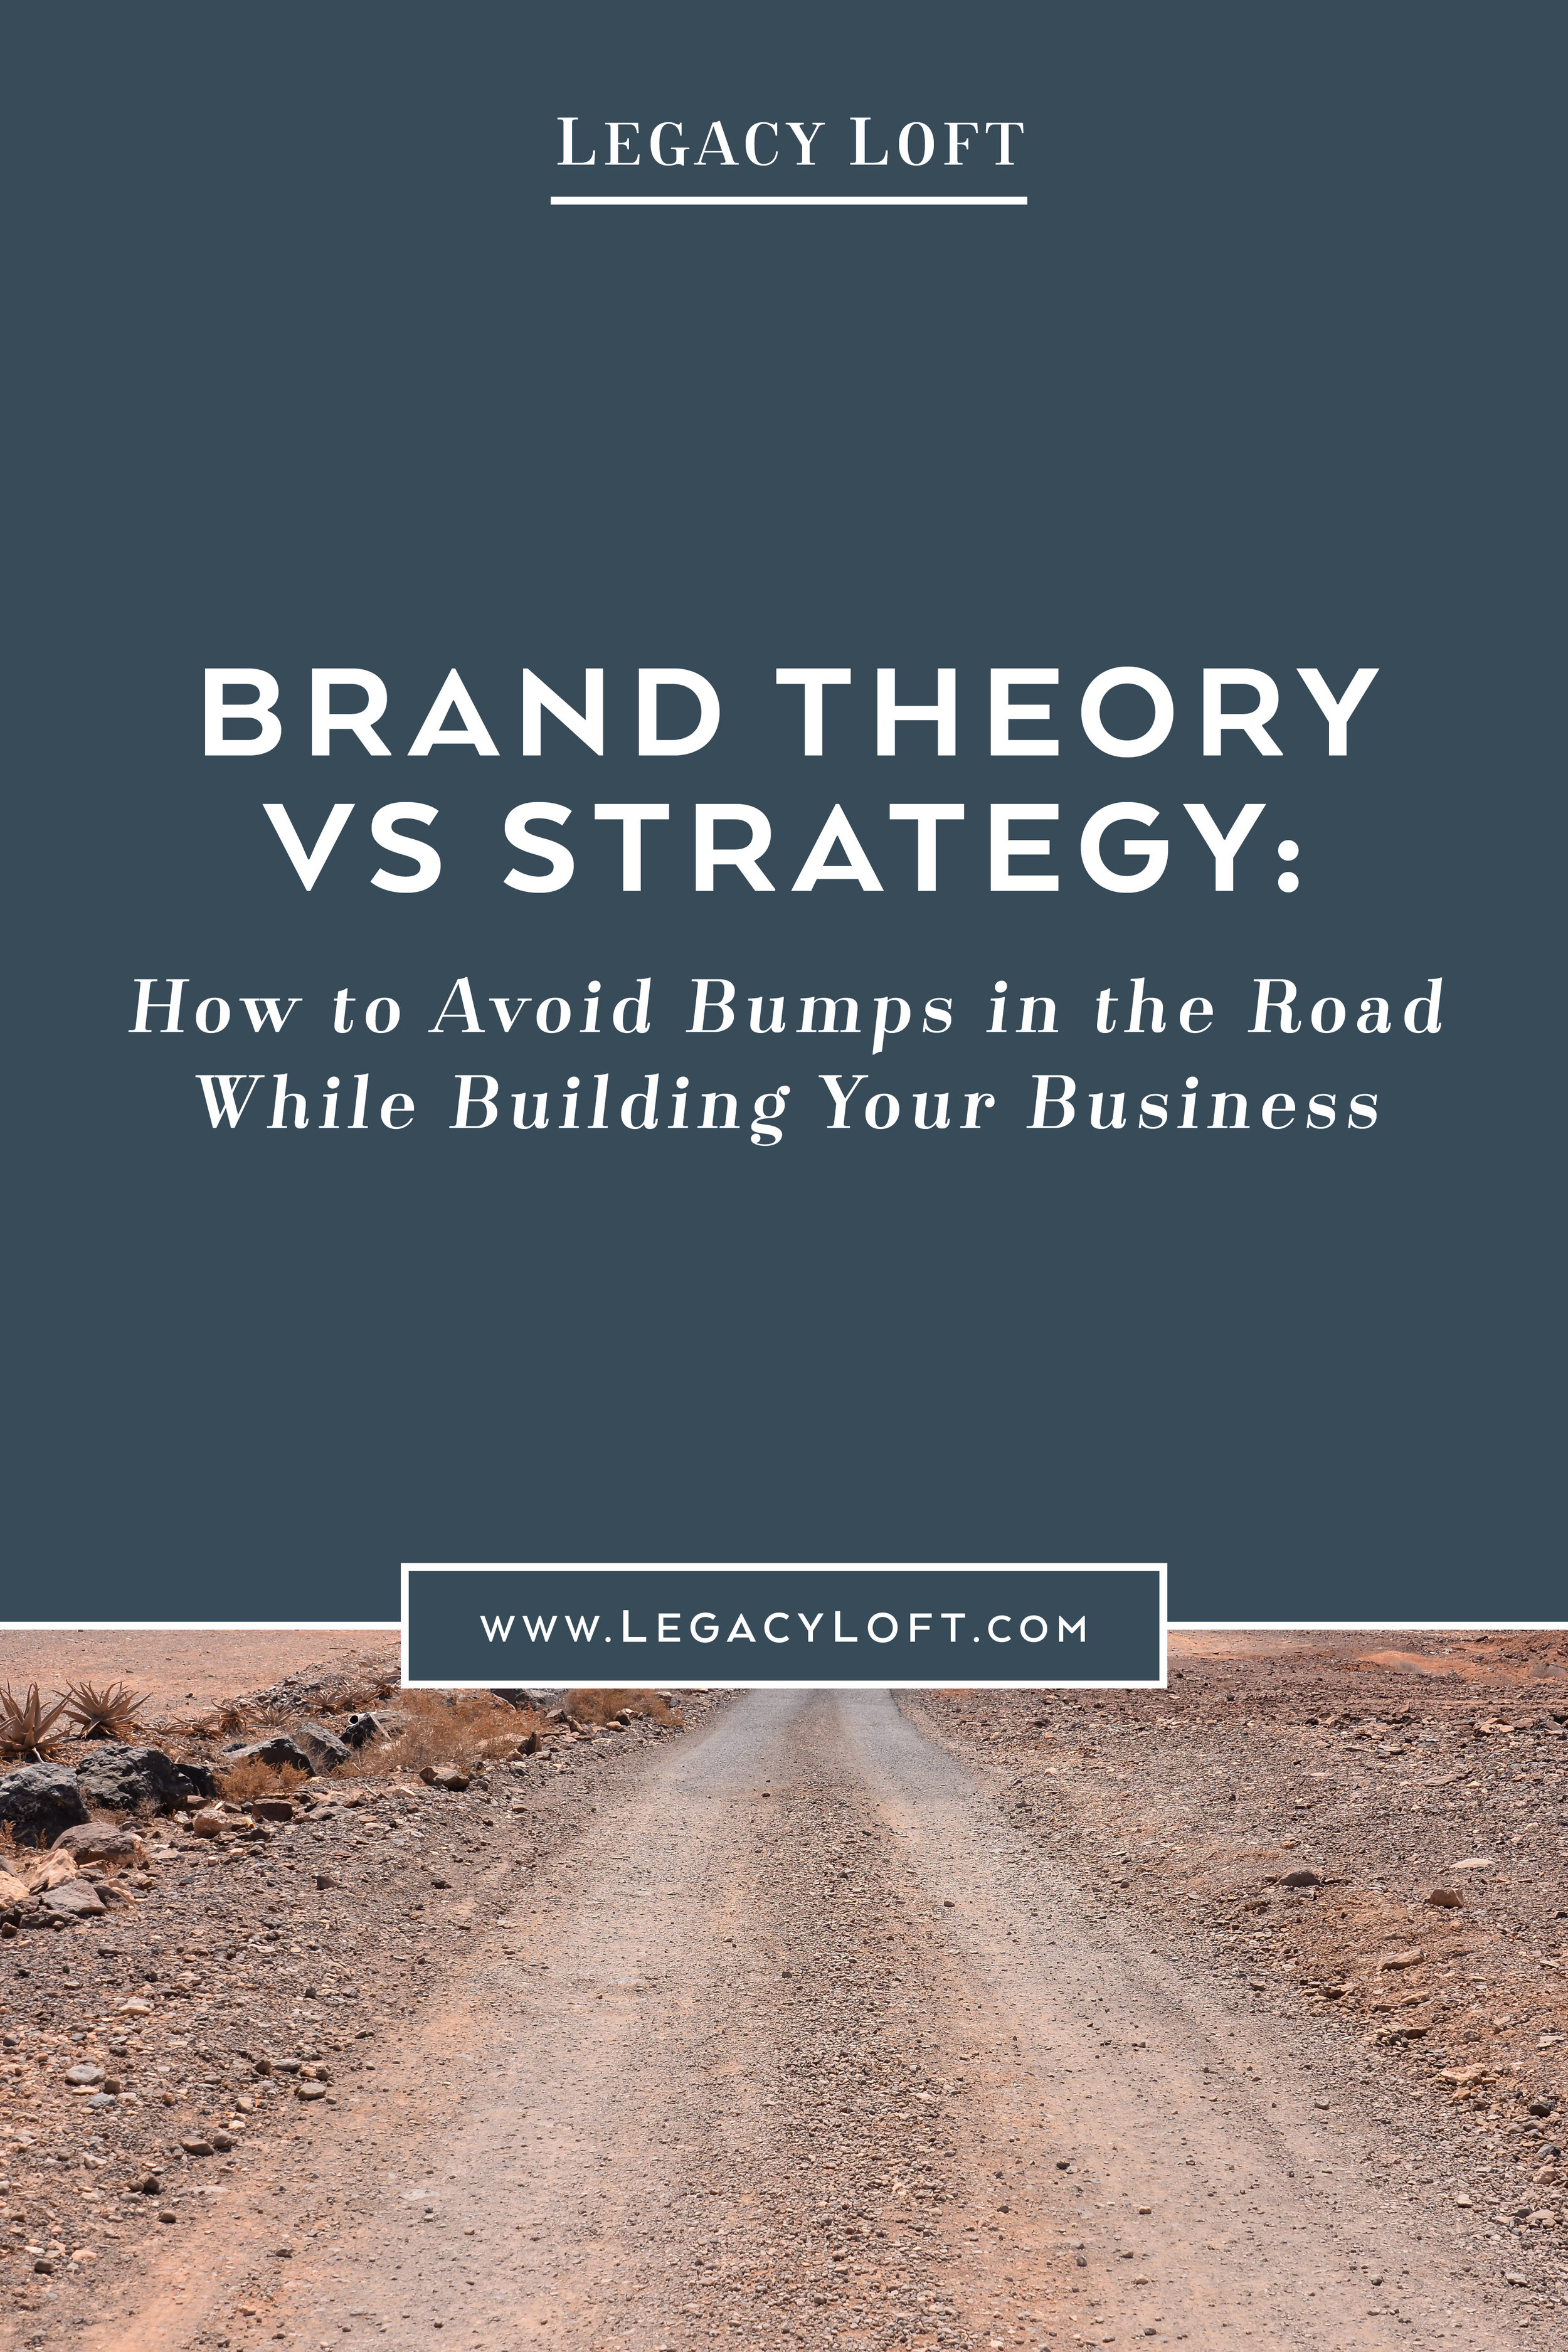 05-10-17-Brand-Theory-vs-Brand-Strategy.jpg